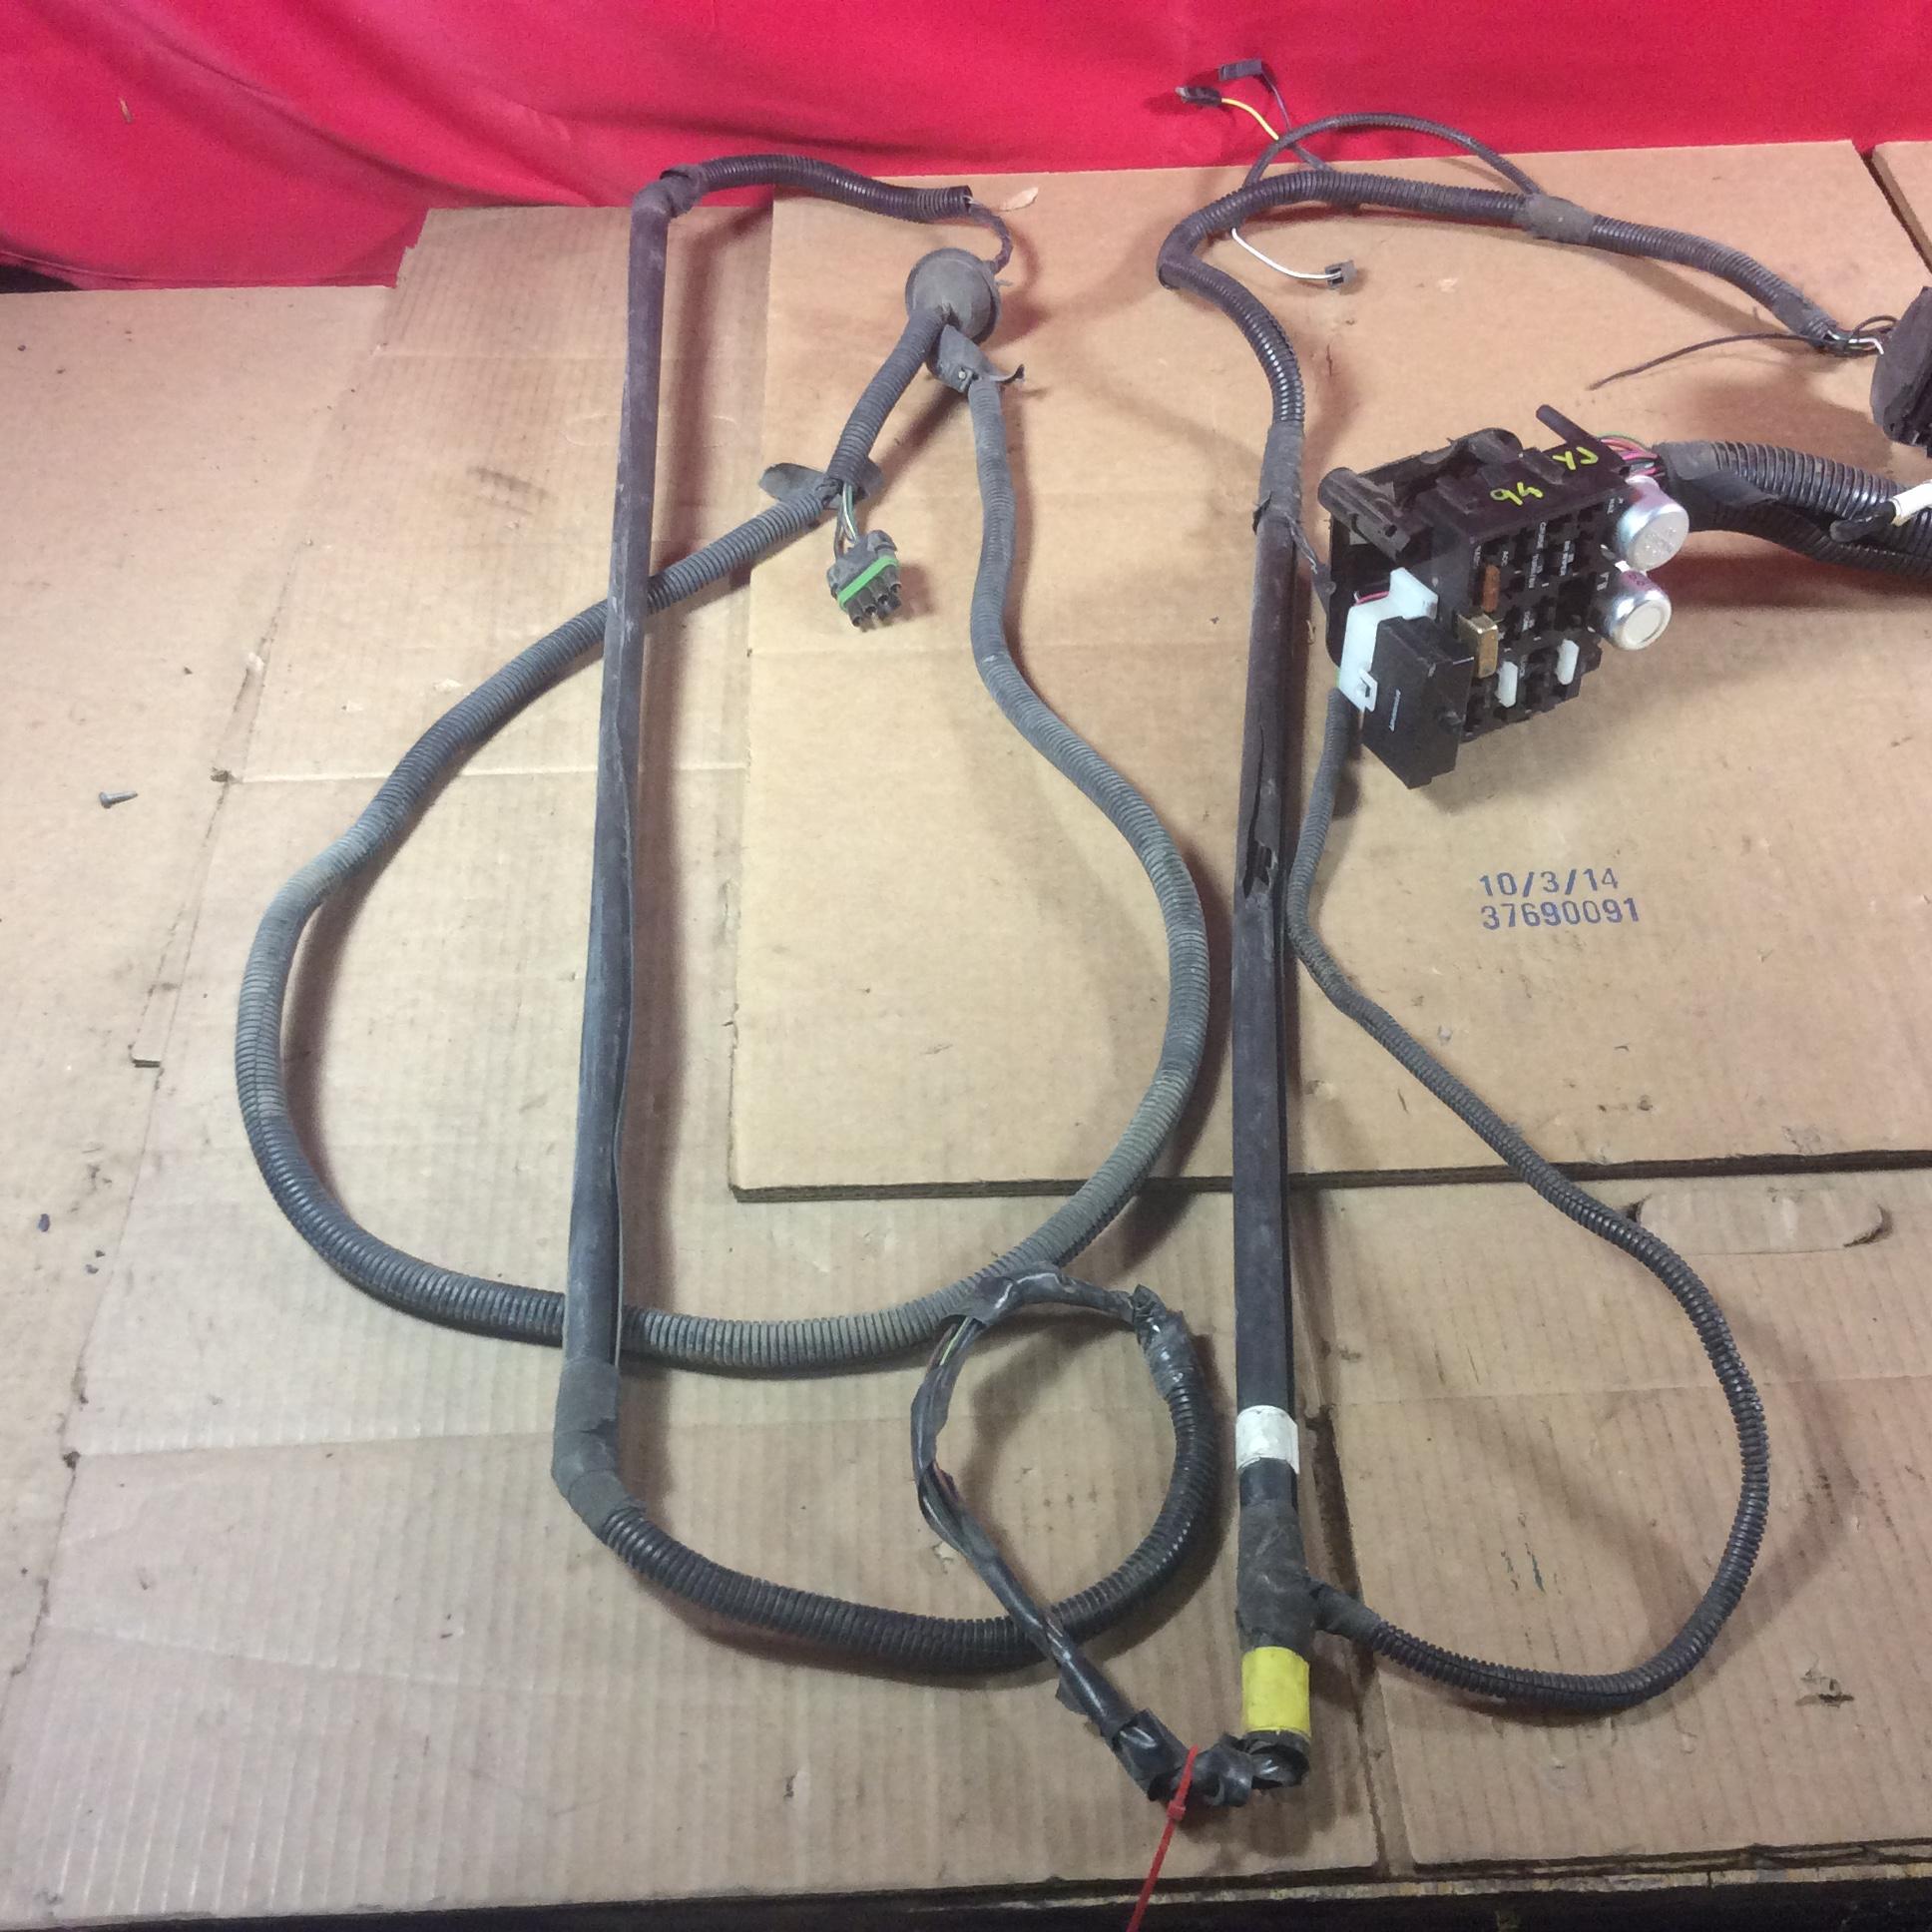 jeep yj wiring harness ky 0312  jeep yj dash wiring harness wiring diagram jeep yj trailer wiring harness jeep yj dash wiring harness wiring diagram